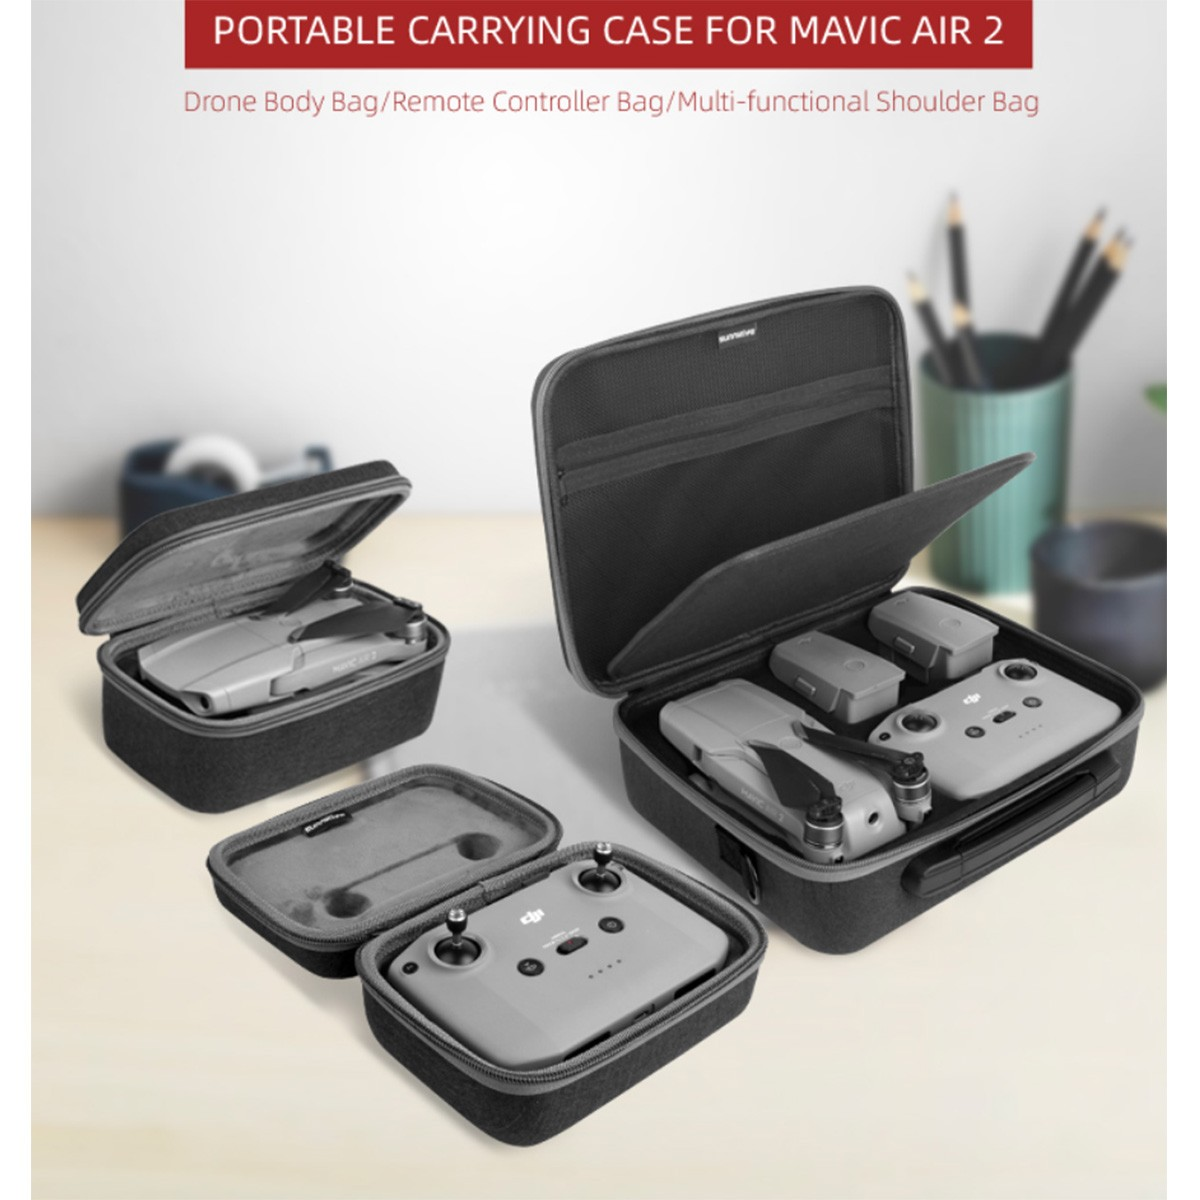 Maleta Case para Drone Controle e Baterias - DJI Mavic Air 2